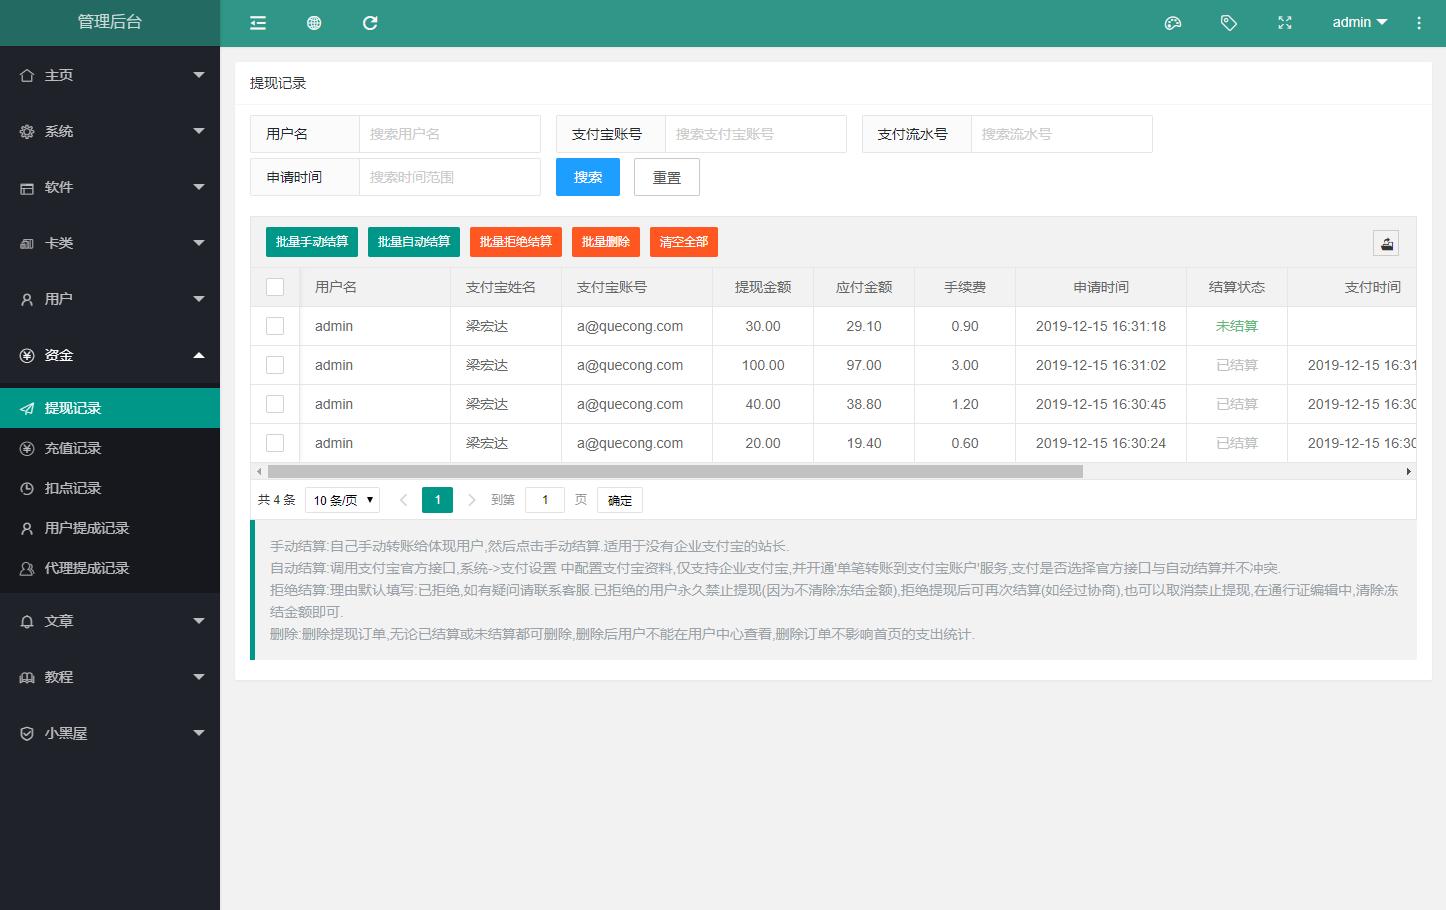 护卫盾网络验证系统-提现记录